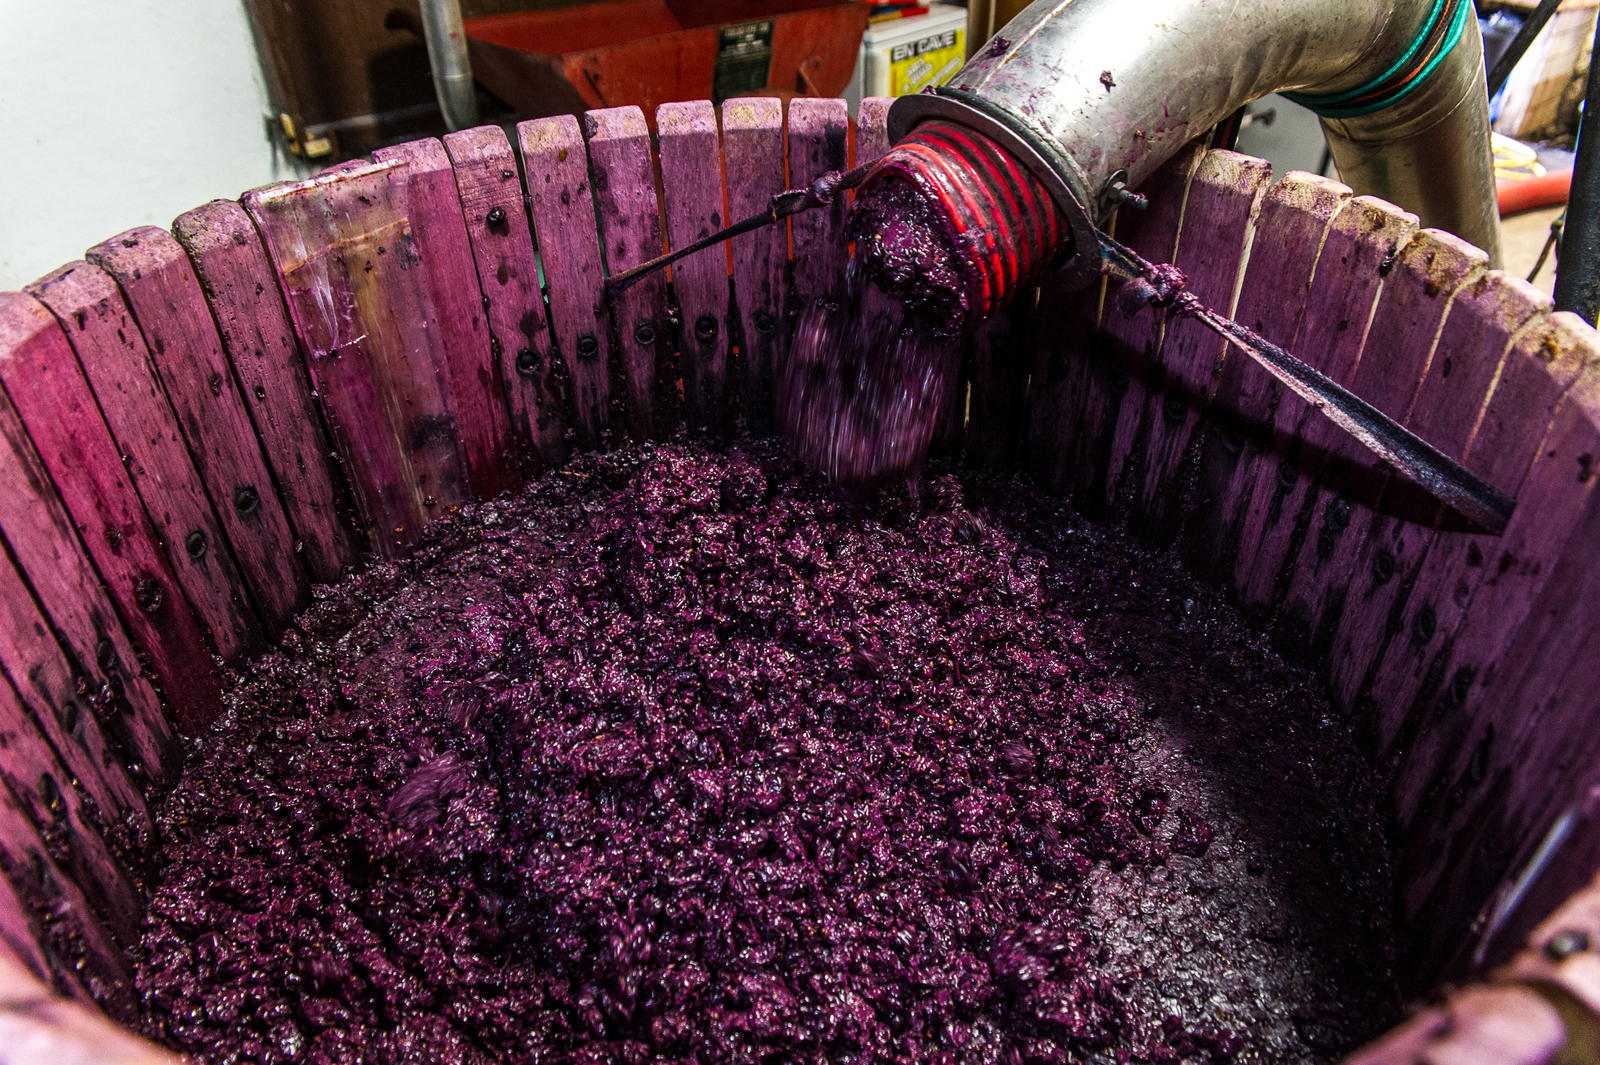 Le pressurage ou pressage est une opération mécanique consistant à presser le raisin afin d'en extraire le jus.